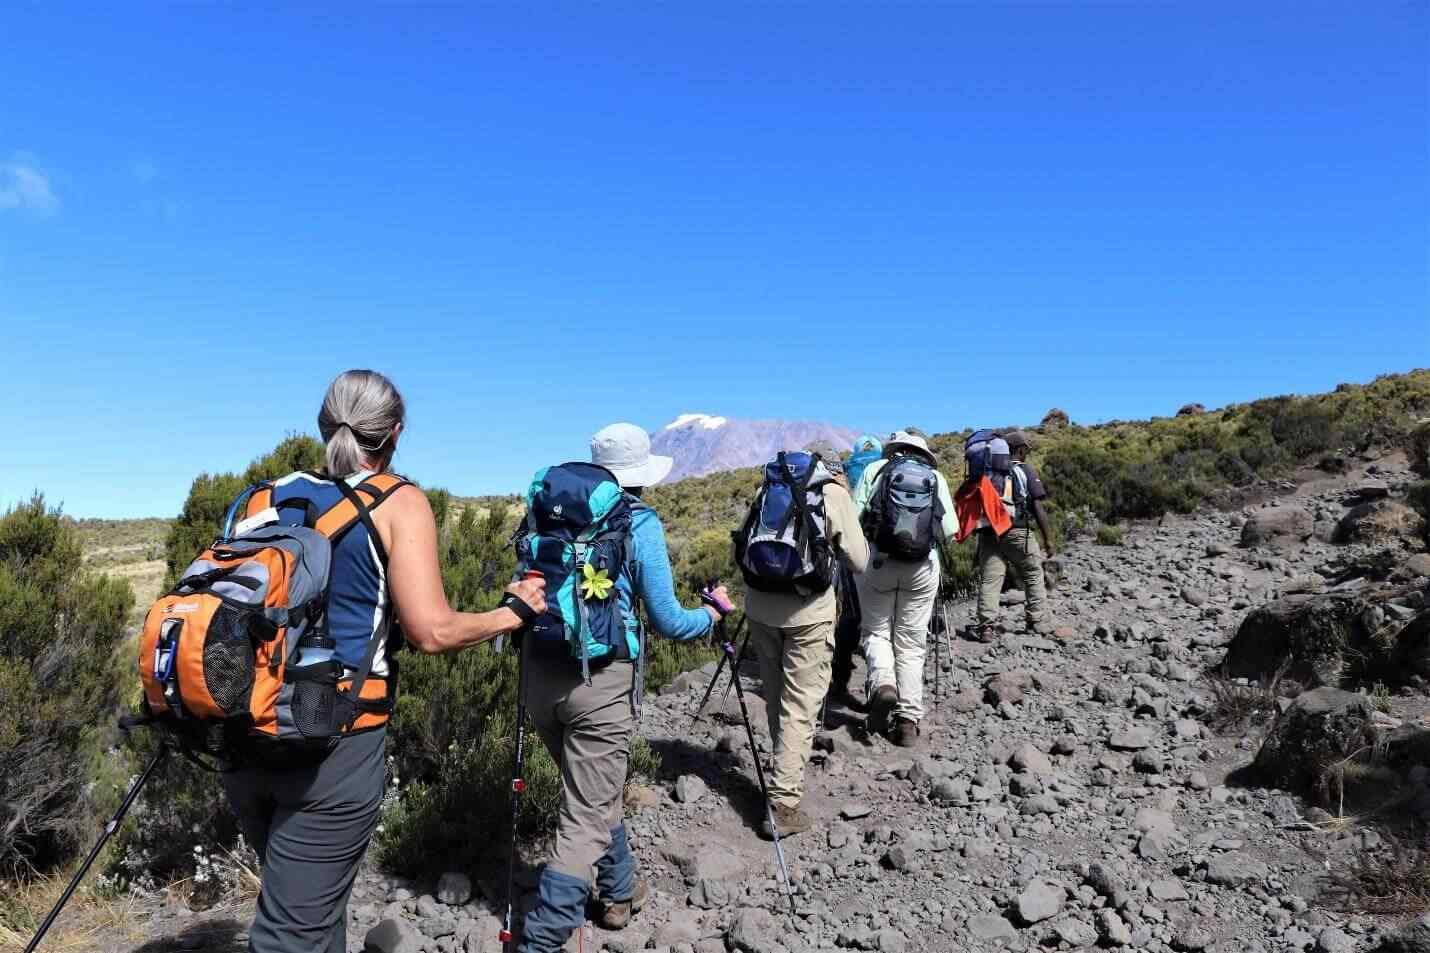 Mount-Kilimanjaro-Umbwe-Route-6-Days-Itinerary-